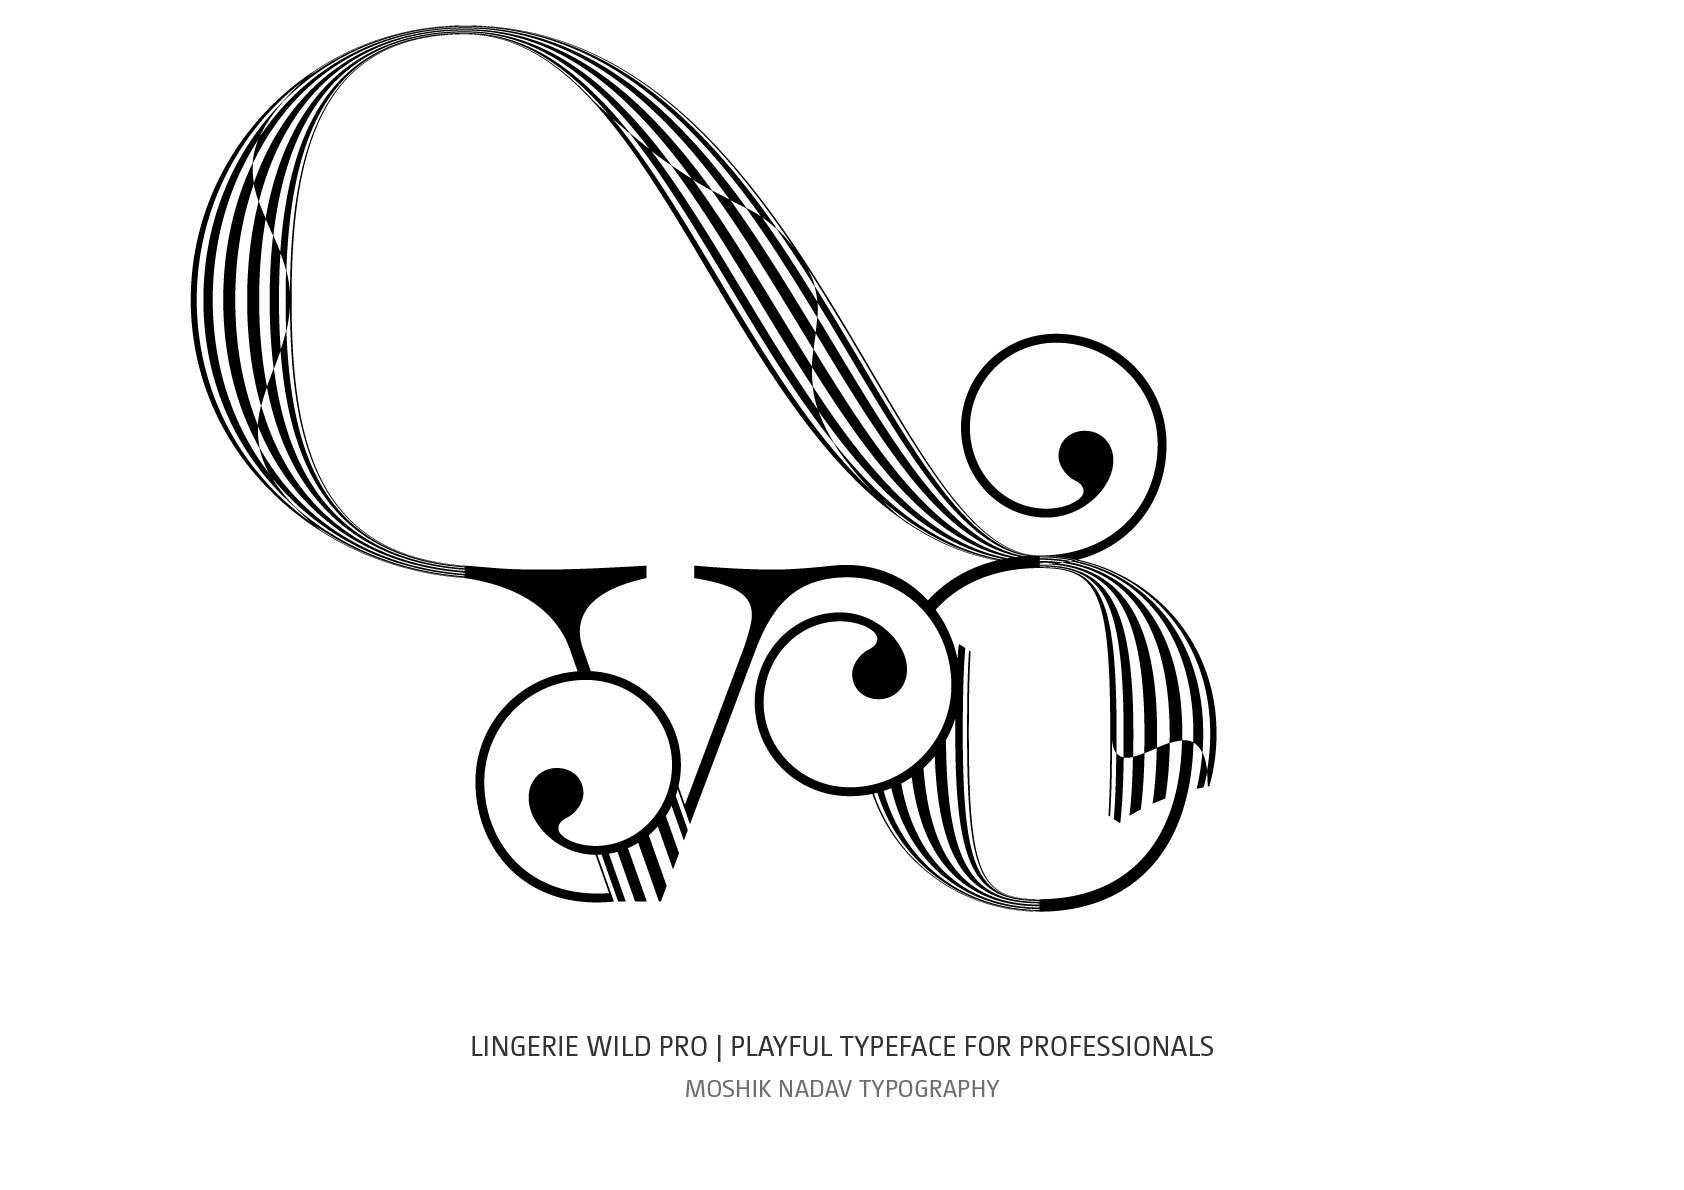 Amazing new vo ligature designed with Lingerie Wild Pro Typeface by Moshik Nadav Fashion Typography